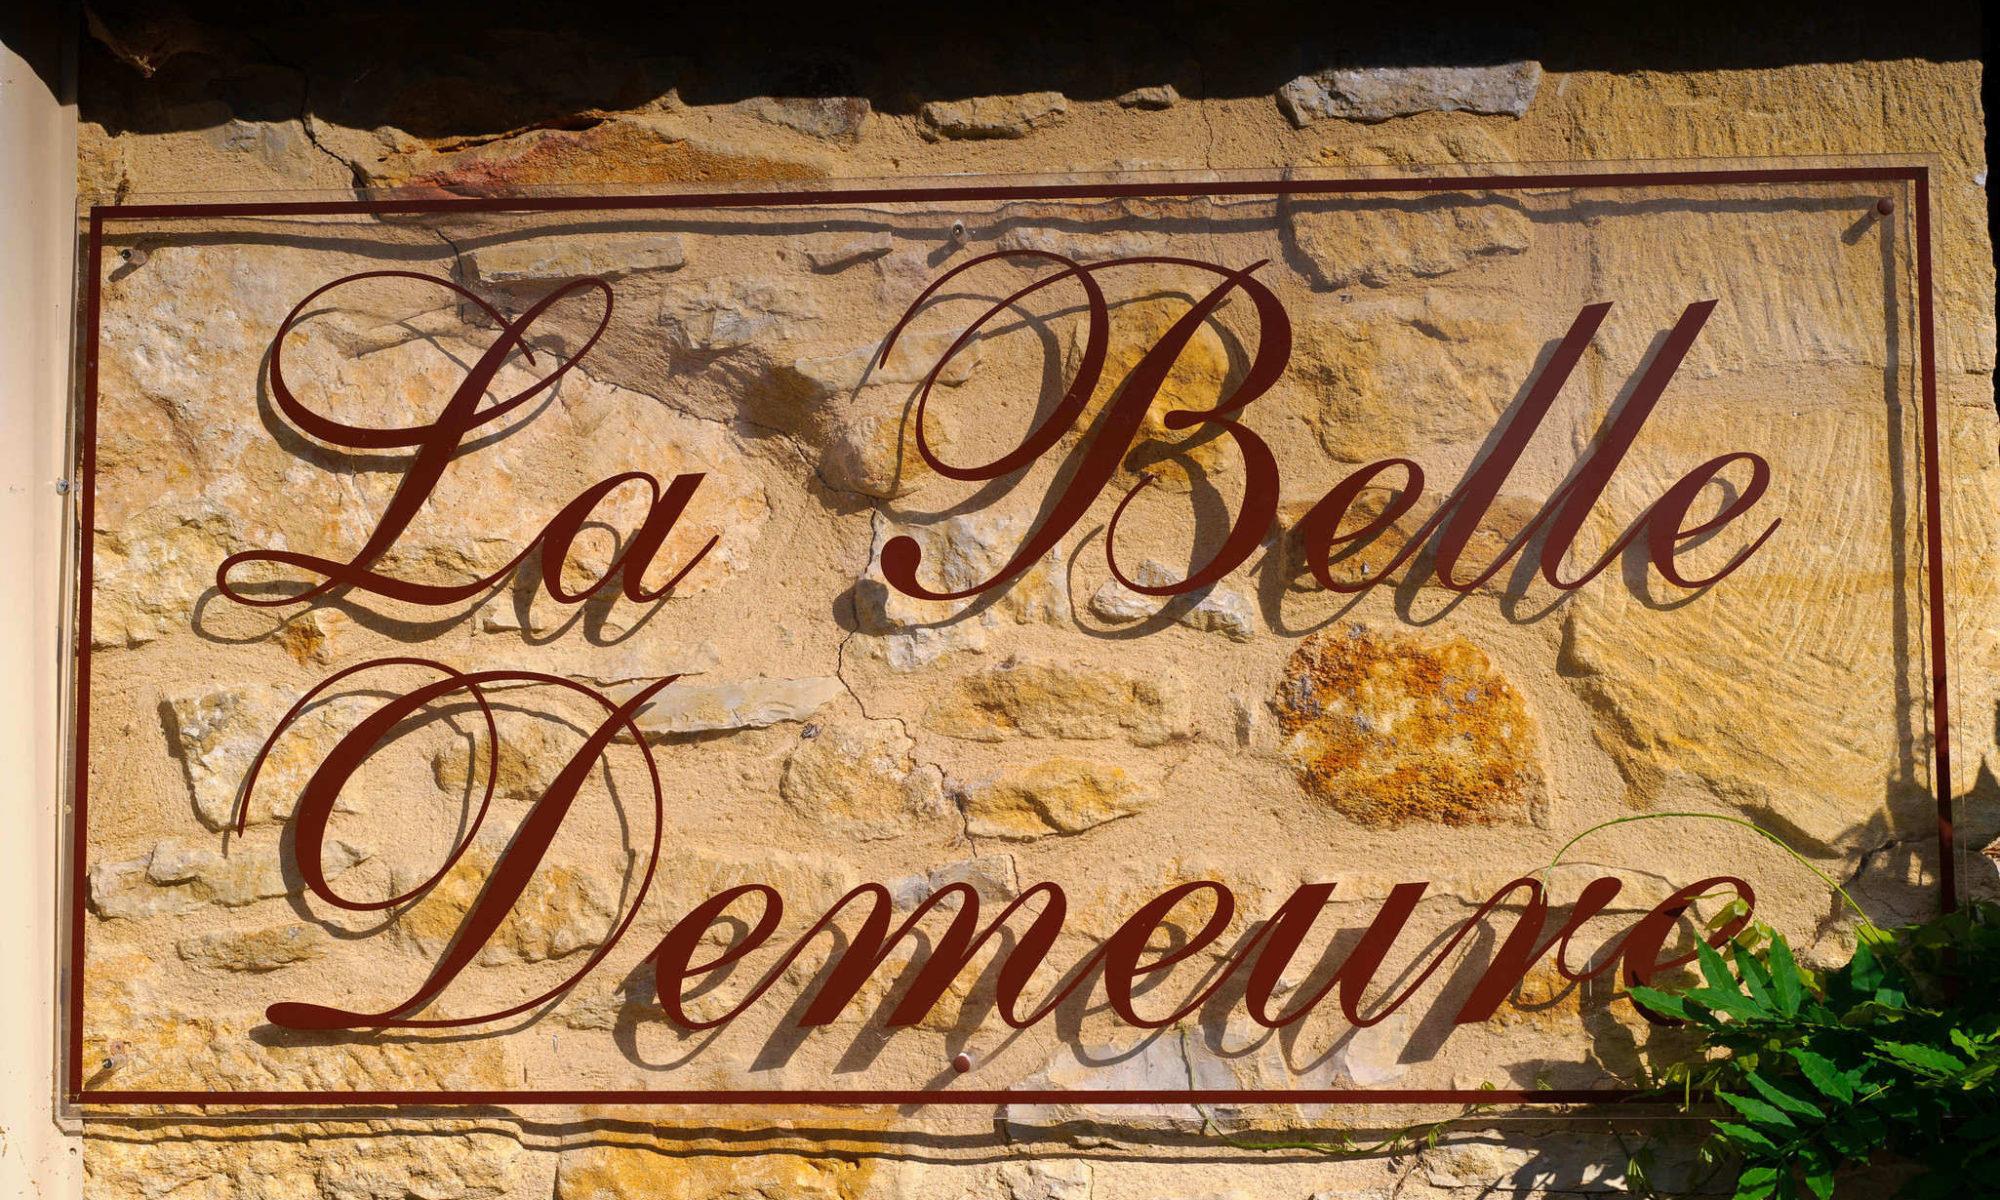 Pierre du Périgord. Directions afin de trouver le Chambres d'Hôtes La Belle Demeure, en Dordogne, au cœur du Périgord Noir, proche de Sarlat. Les lits douillets sont équipés de linge 100% coton en Seersucker. Salle d'eau attenante à chaque chambre. Suite Familiale. Table d'hôtes et Piscine. Consultez nos tarifs et références sur notre site internet.